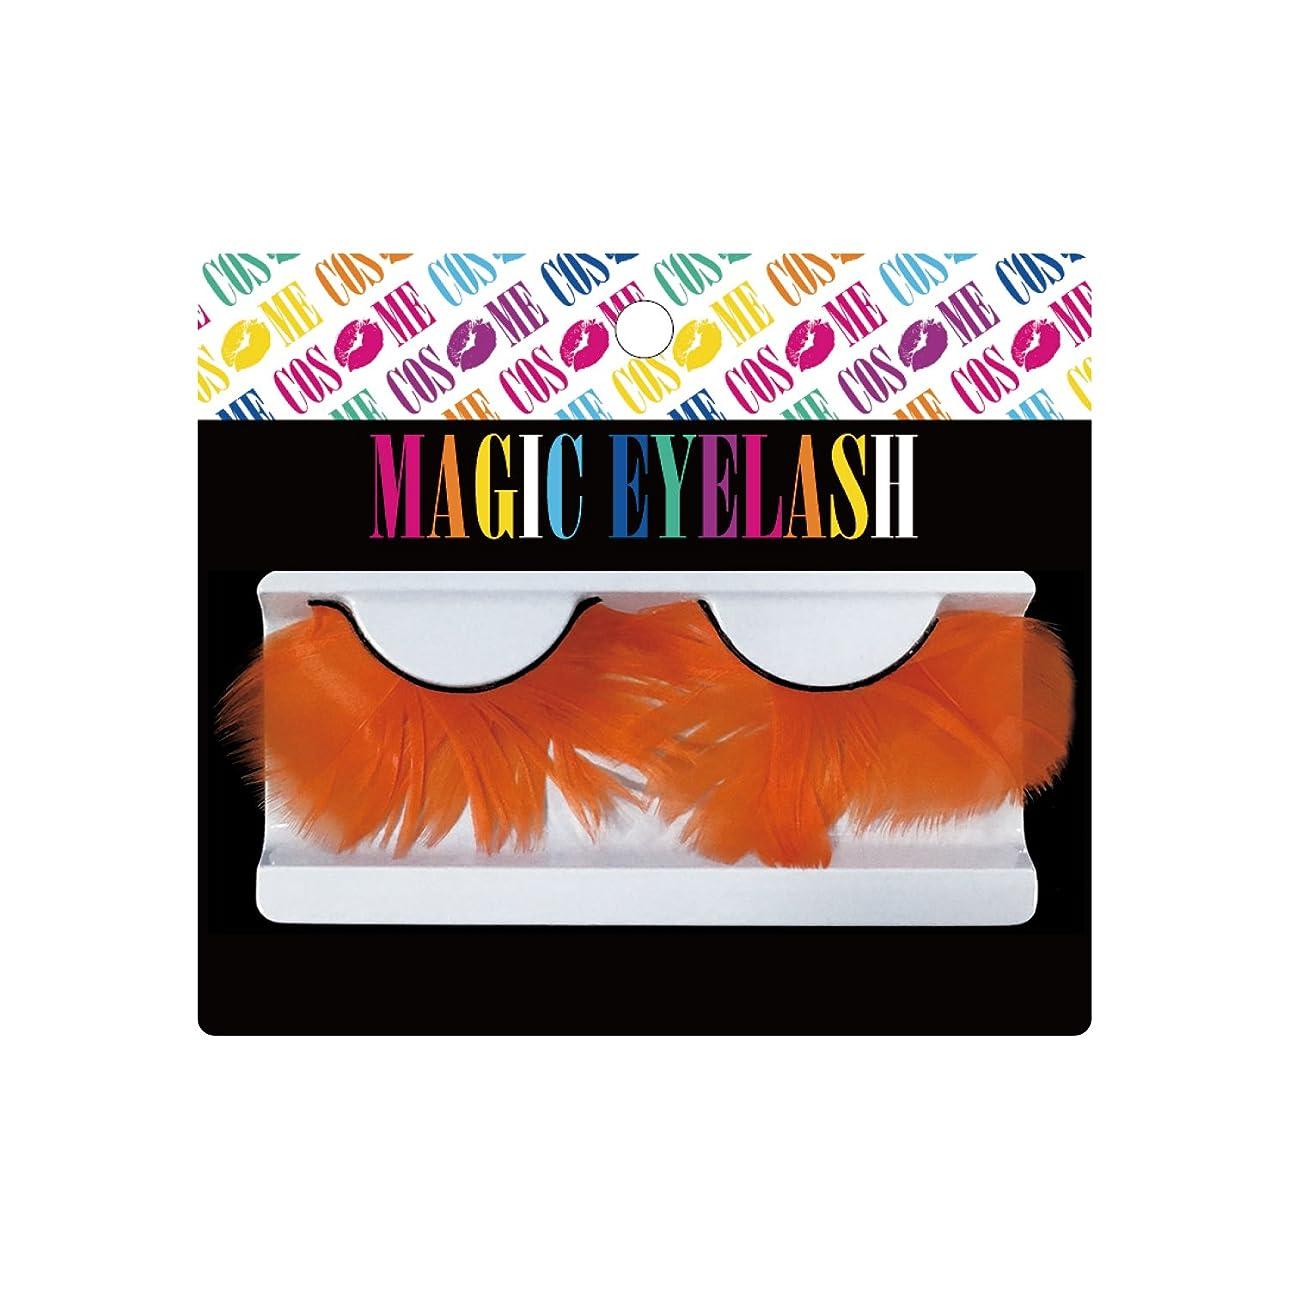 機関車ラバビヨンピュア つけまつげ MAGIC EYELASH マジック アイラッシュ #14